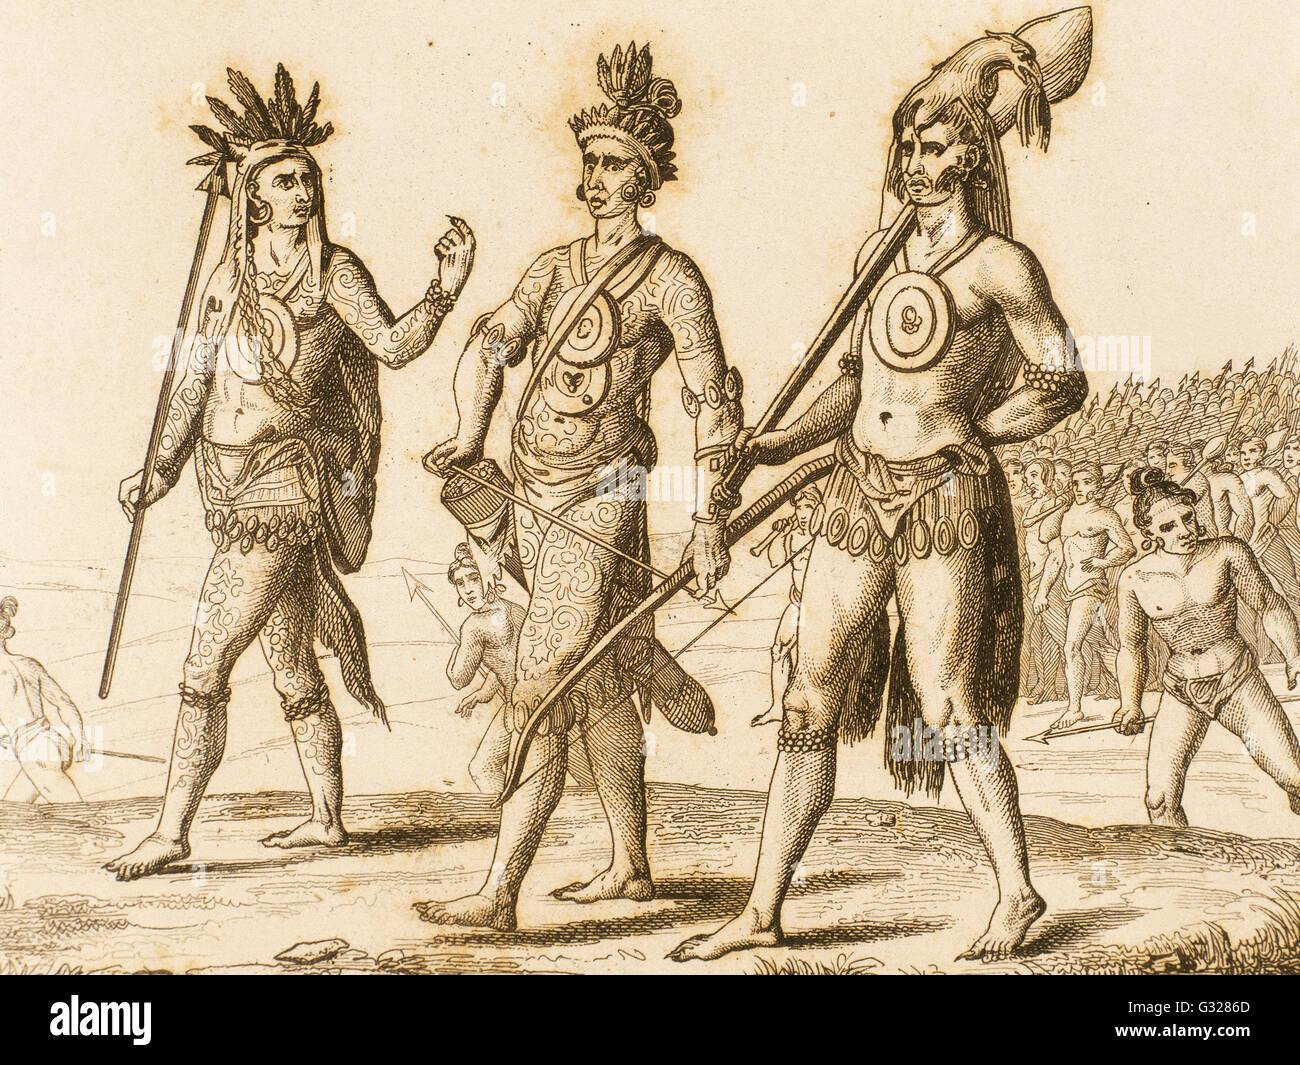 Les Indiens d'Amérique. 16e siècle. Gravure, 1841. Photo Stock